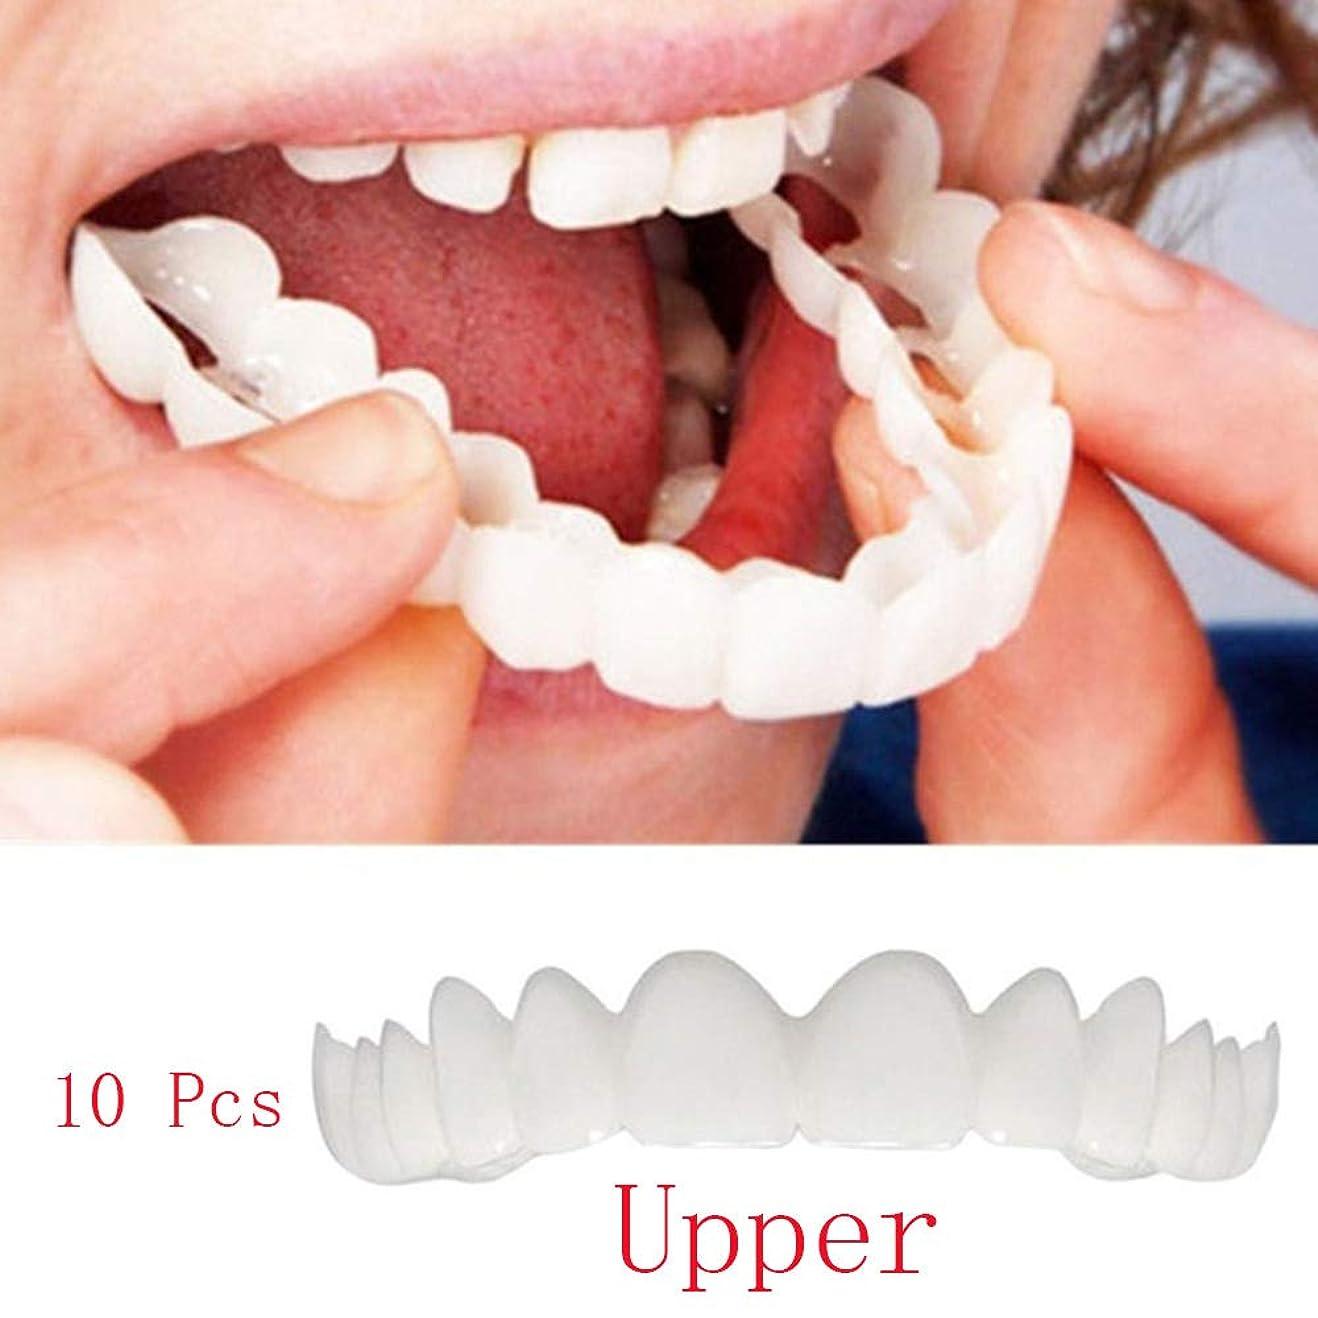 豆滅びるブラウザ白い歯10ピース上列快適な化粧品ソフト歯科ベニア高ソフト歯科に適した健康歯笑顔アナログ義歯大人